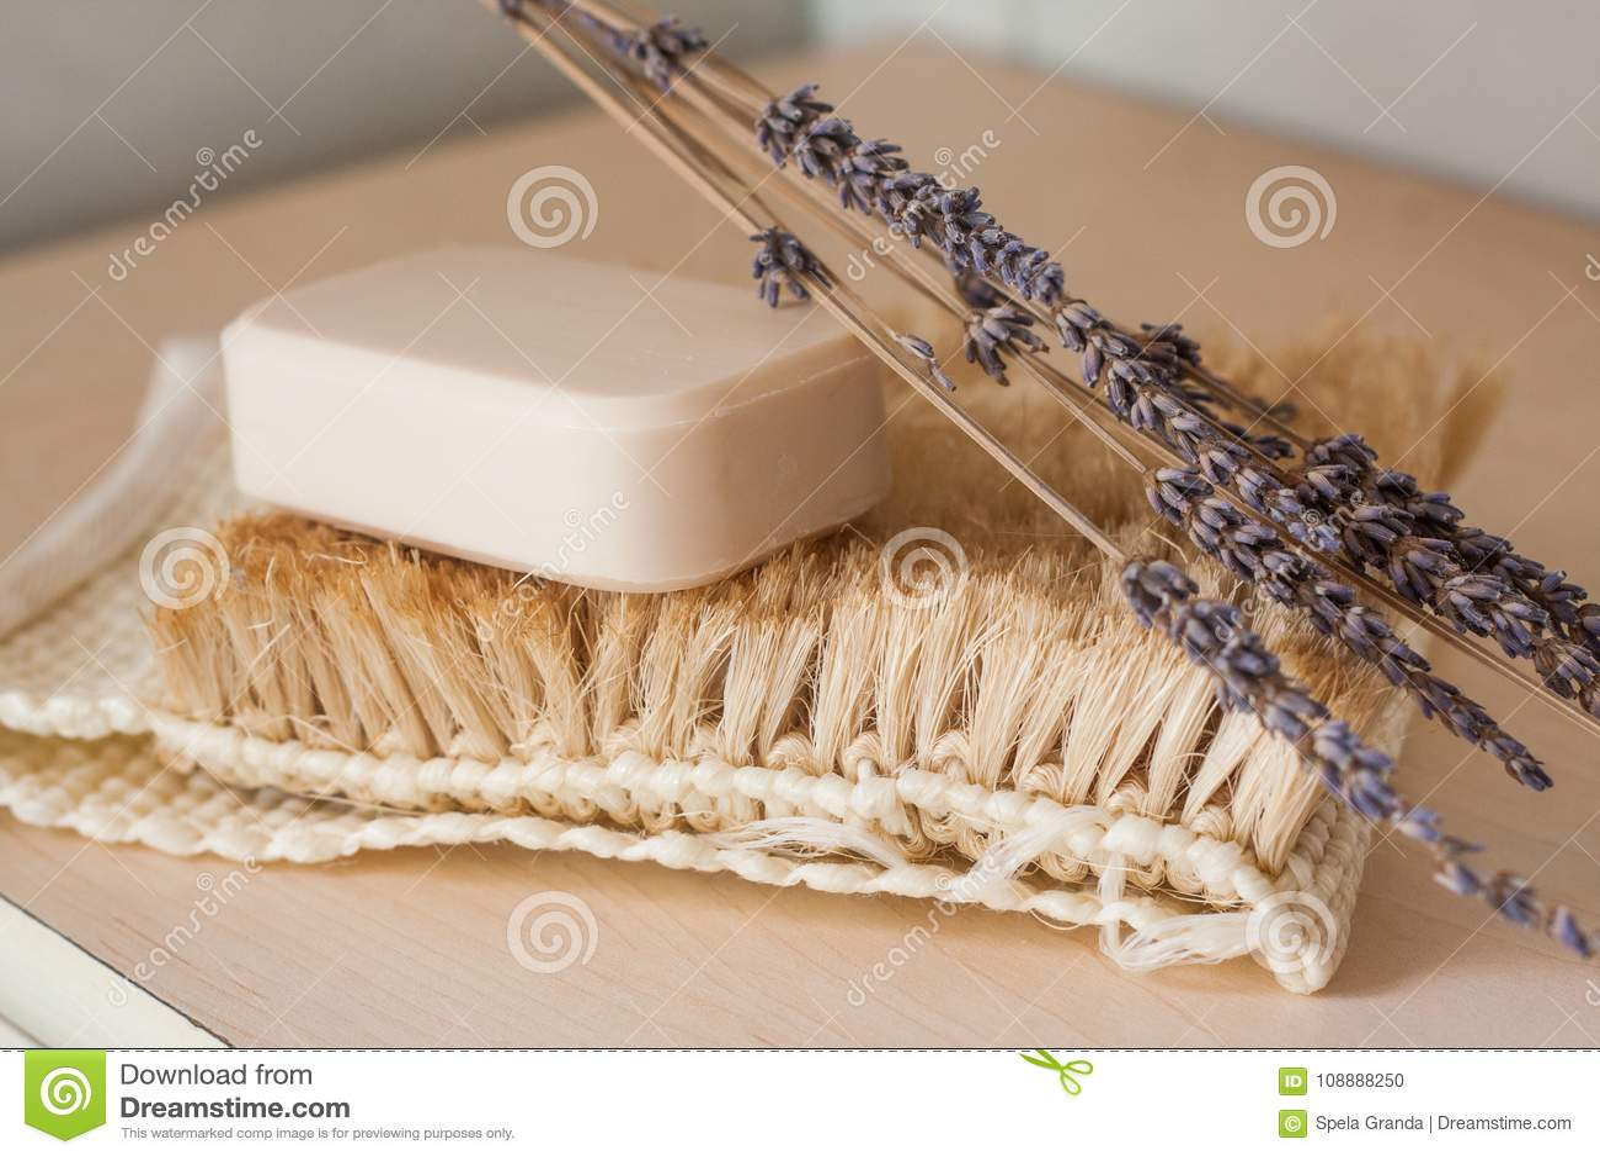 Φυσικός φραγμός σαπουνιών με κάποια διακόσμηση